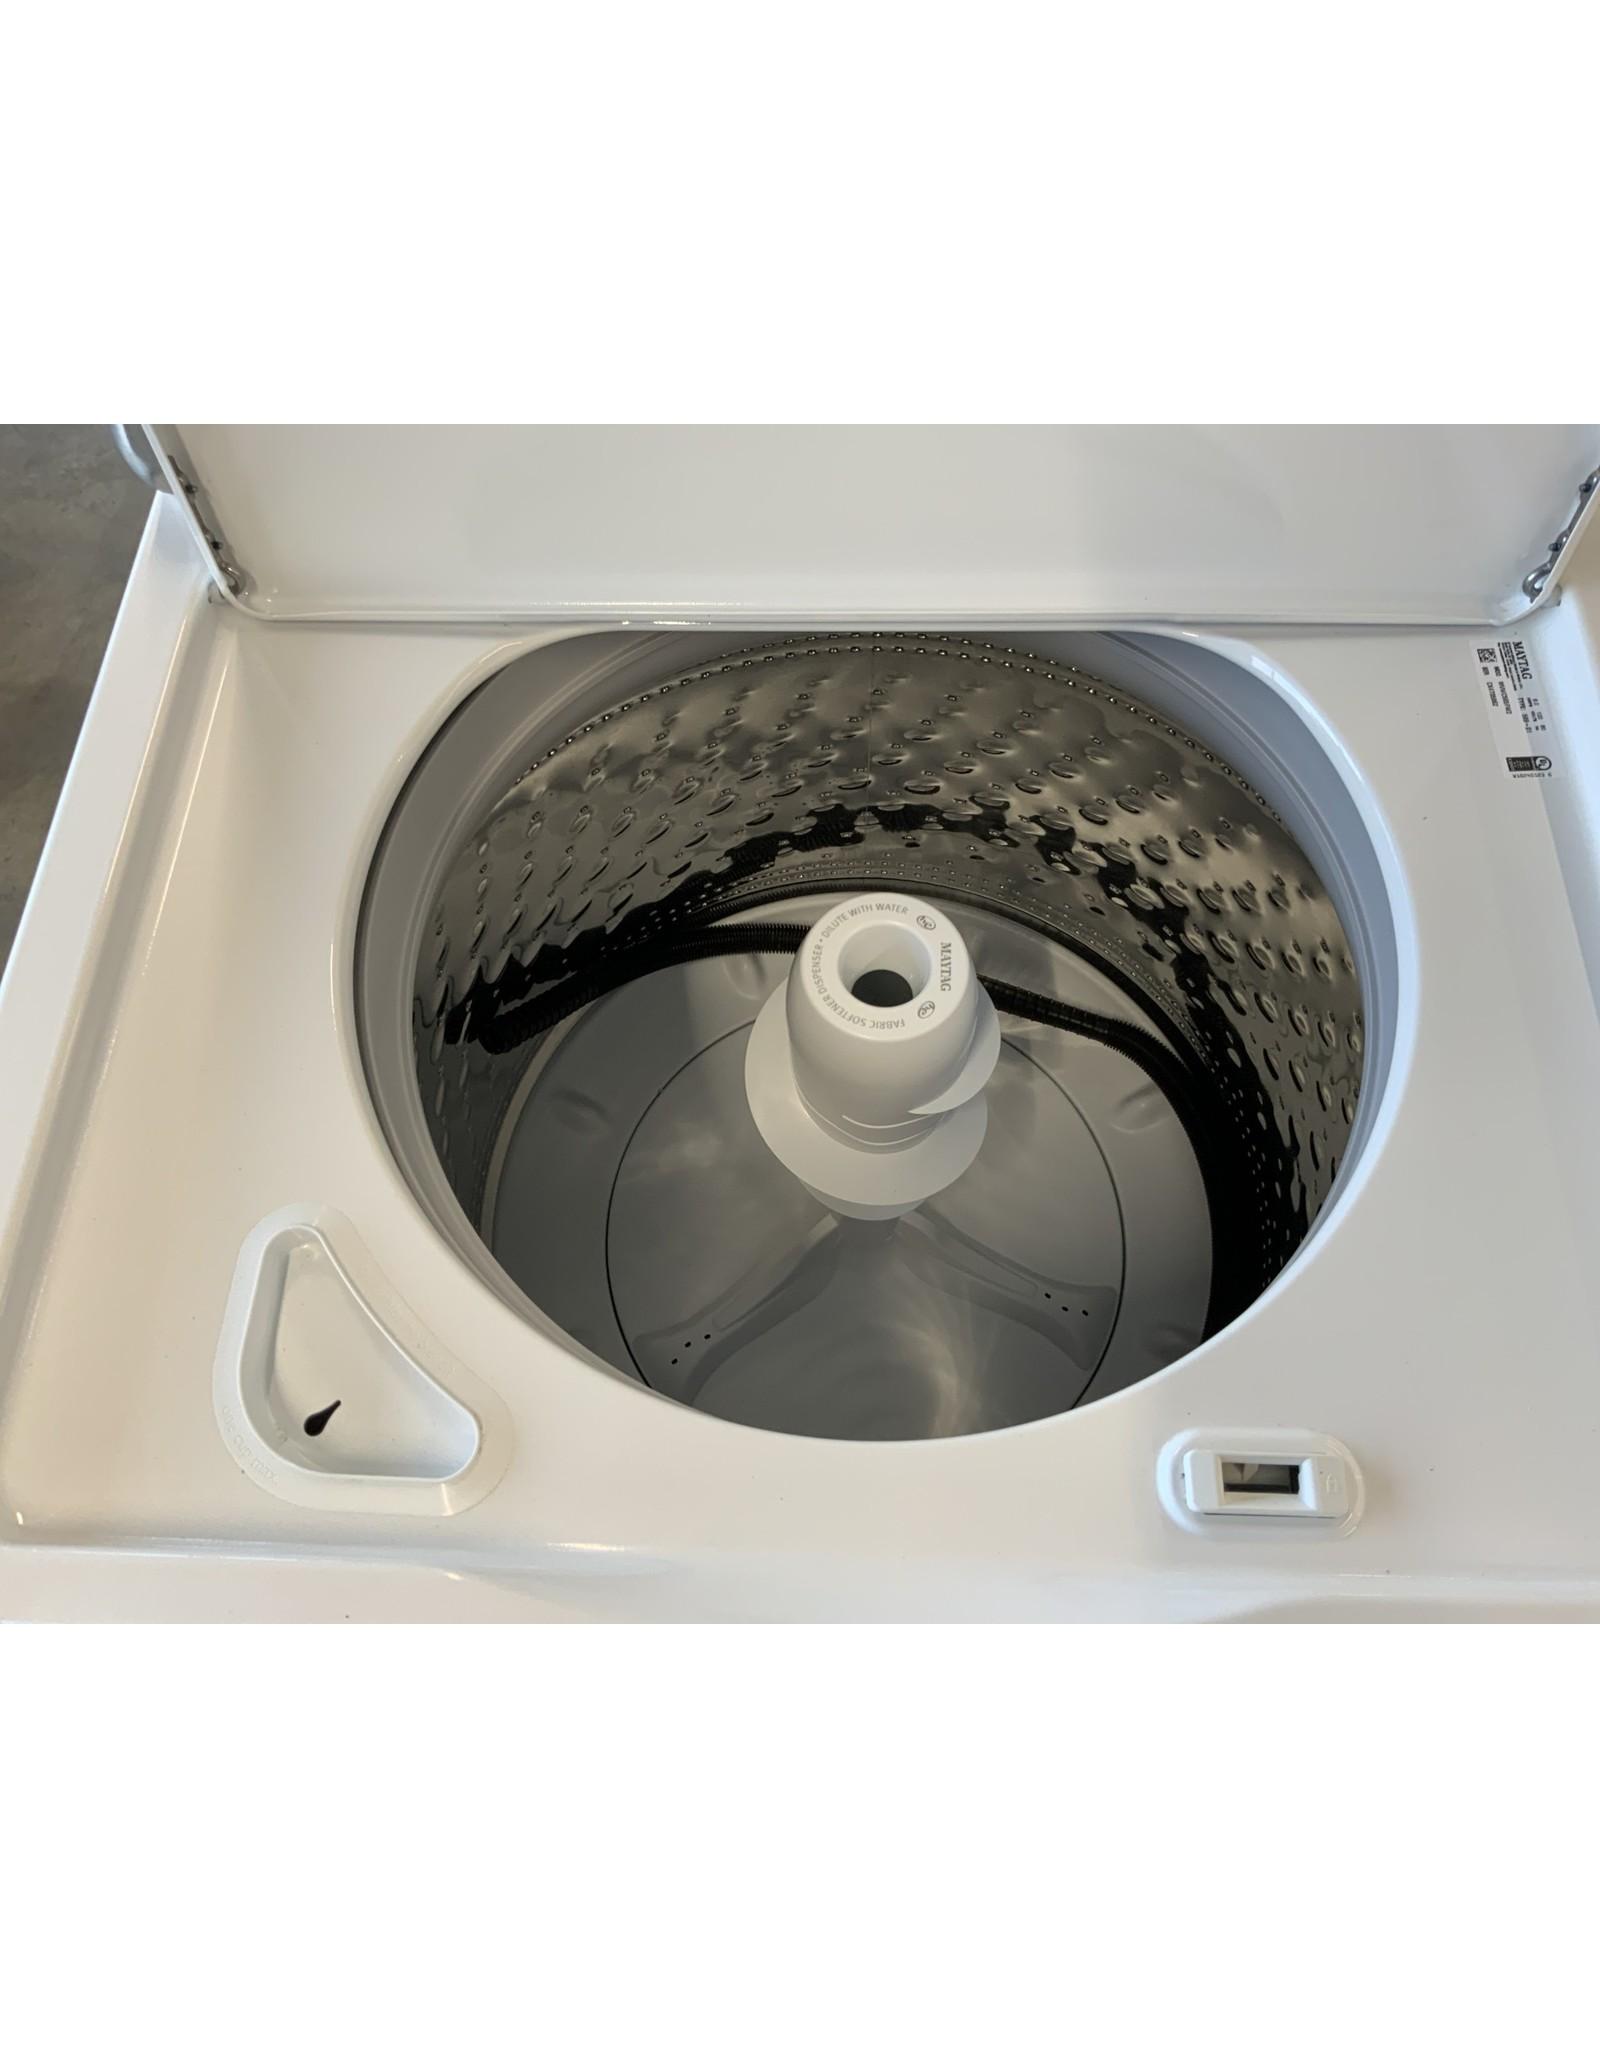 Maytag Maytag washer dryer set top load (GAS Dryer)